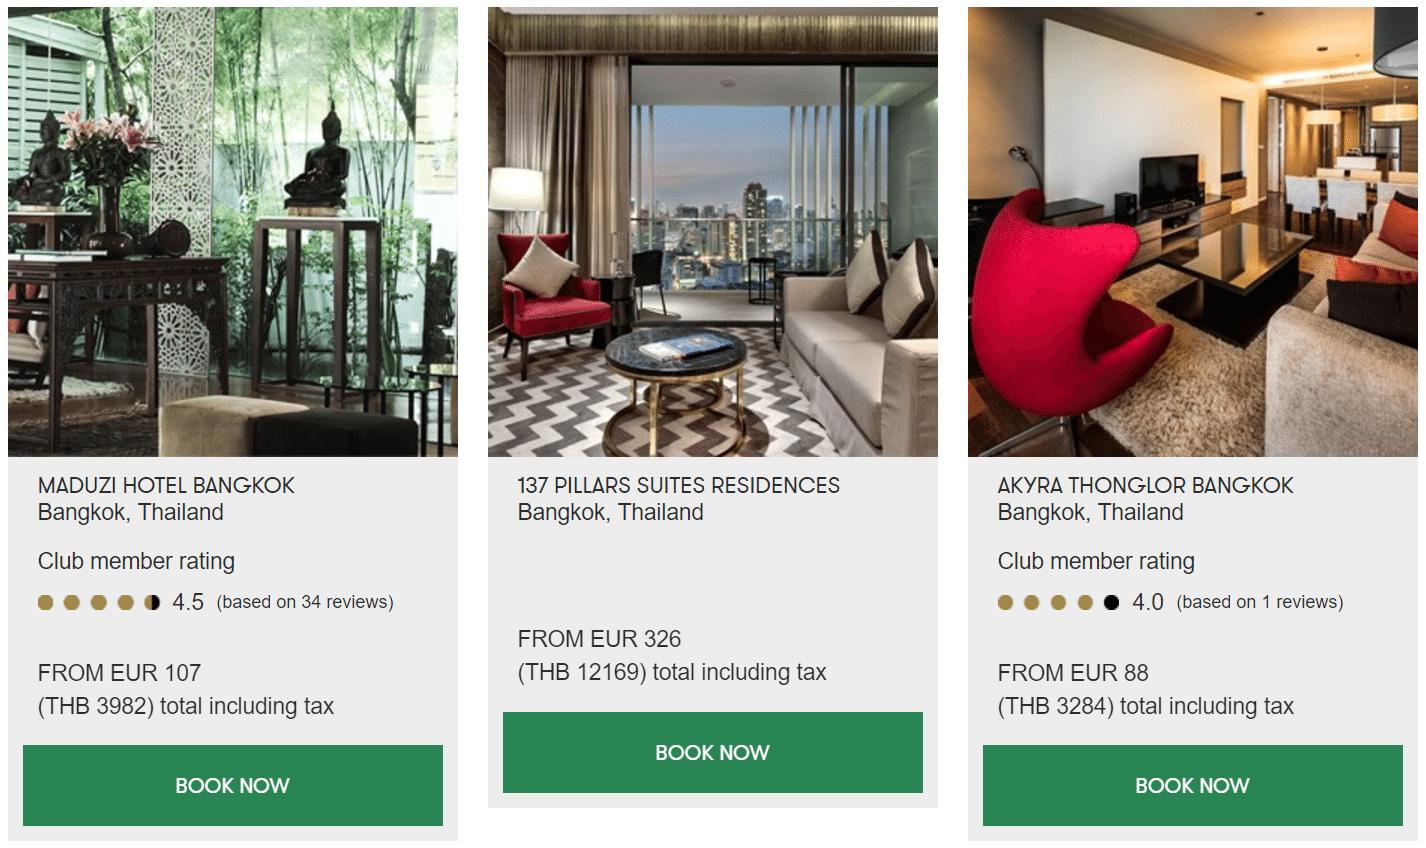 Slh preise thailand for Slh hotels deutschland